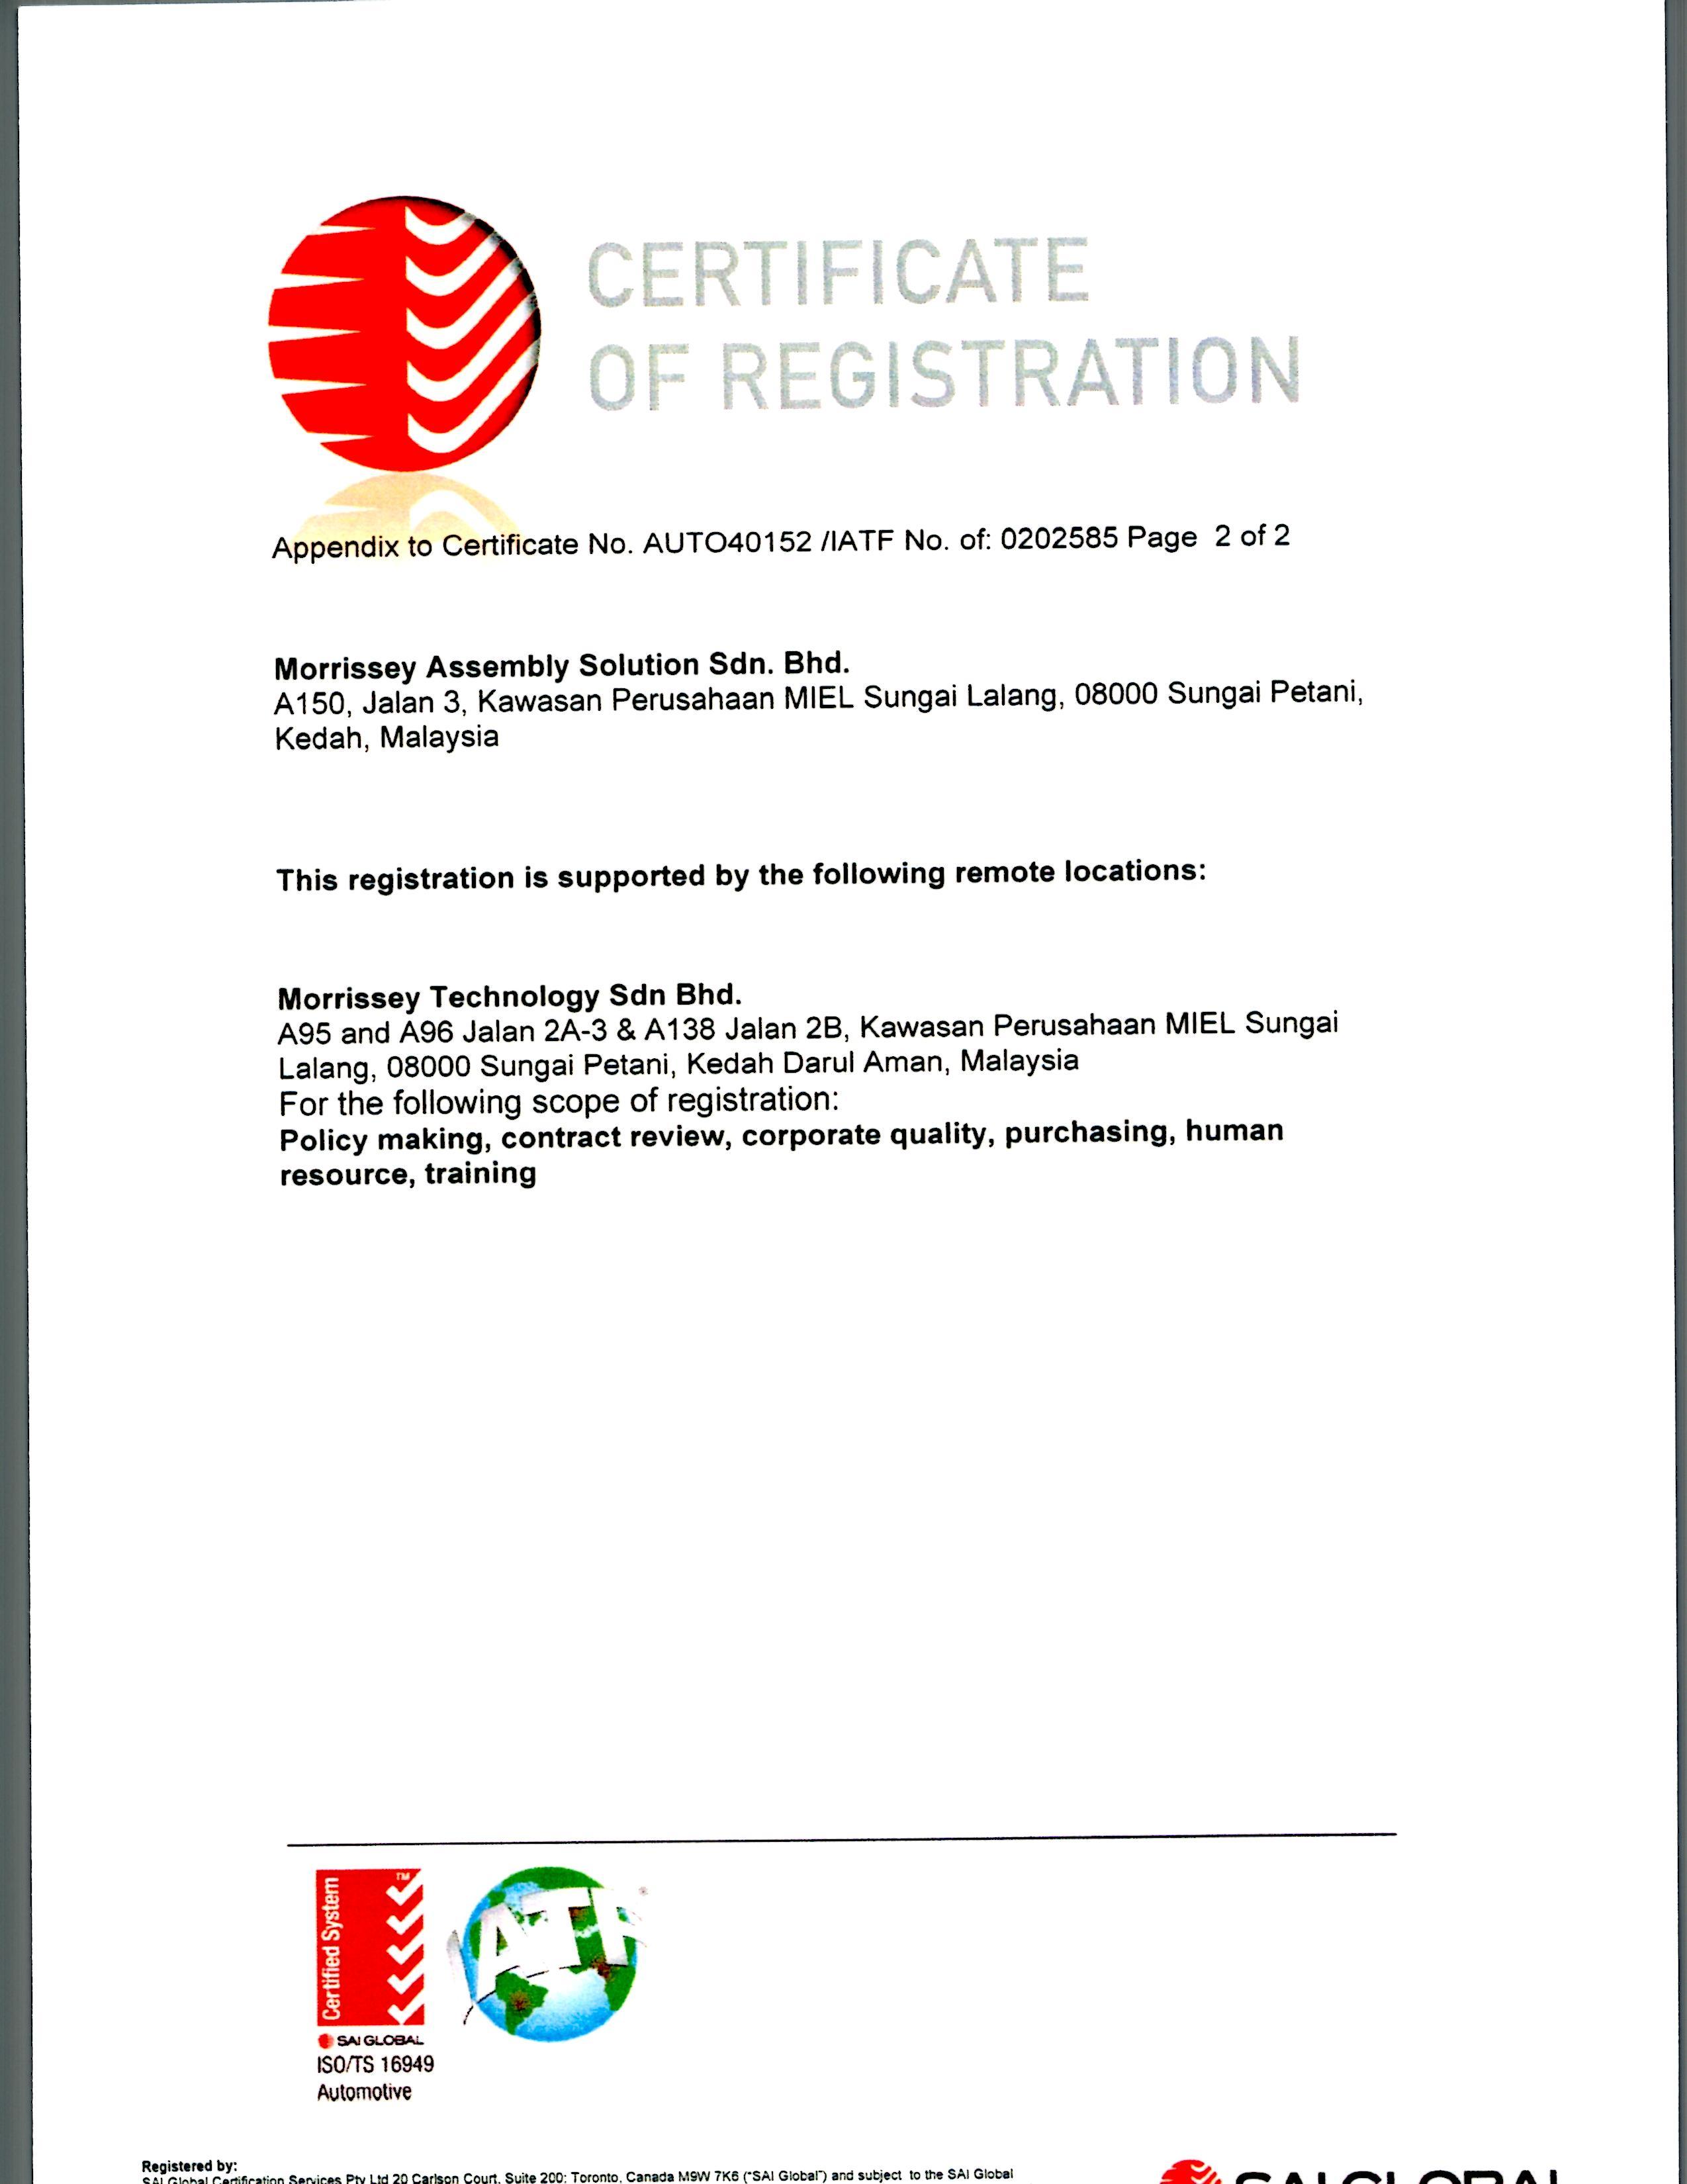 TS 16949 (MAS) page 2 of 2